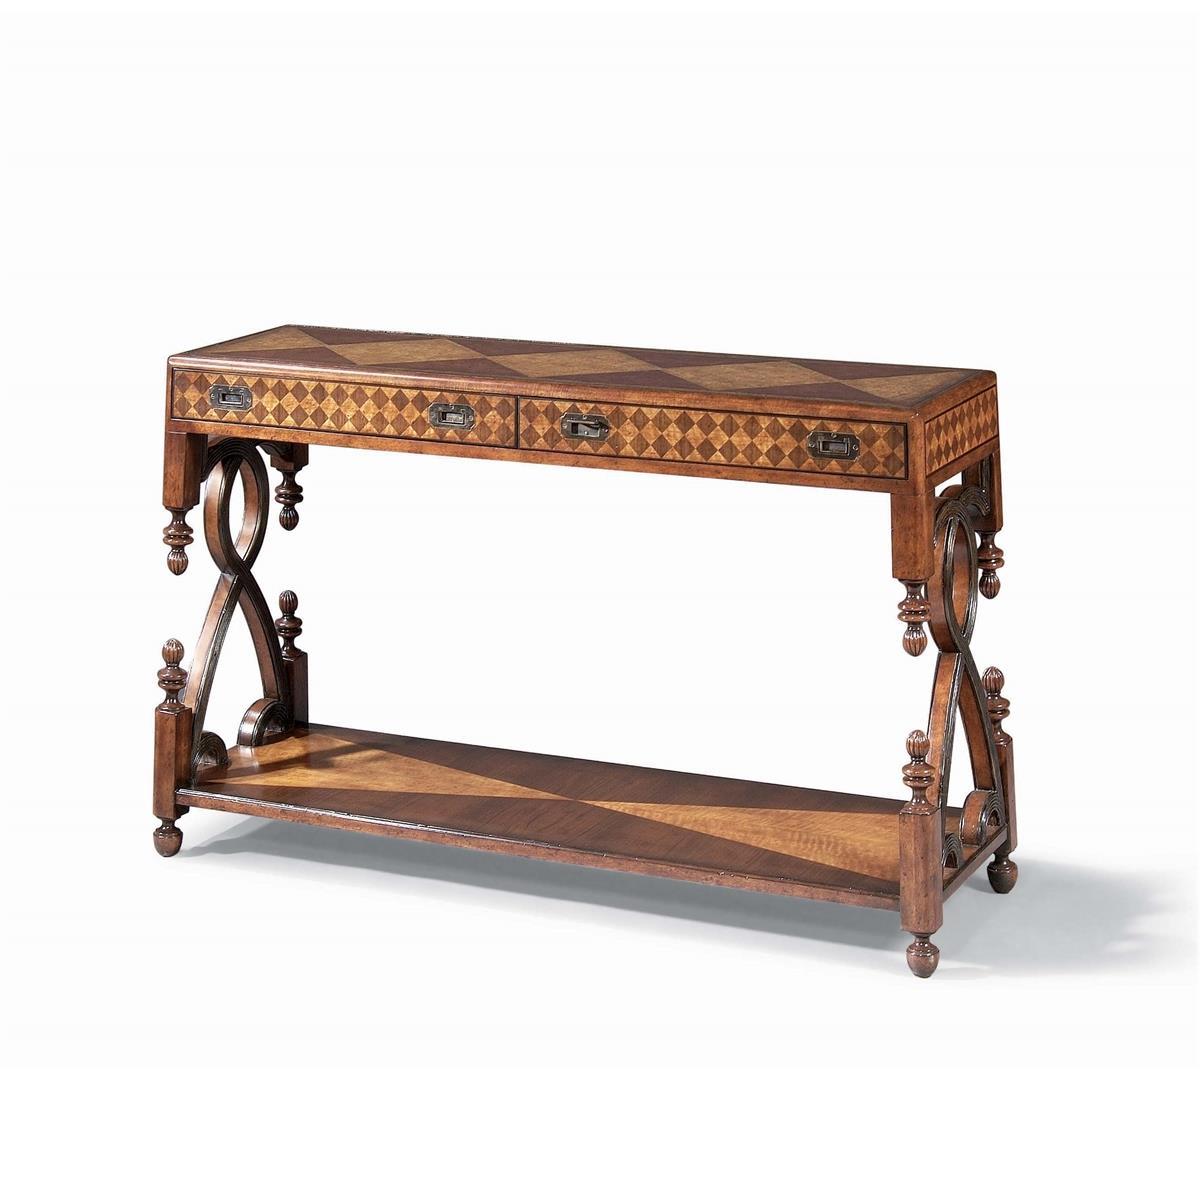 Checker Sofa Table MN5078 - на 360.ru: цены, описание, характеристики, где купить в Москве.